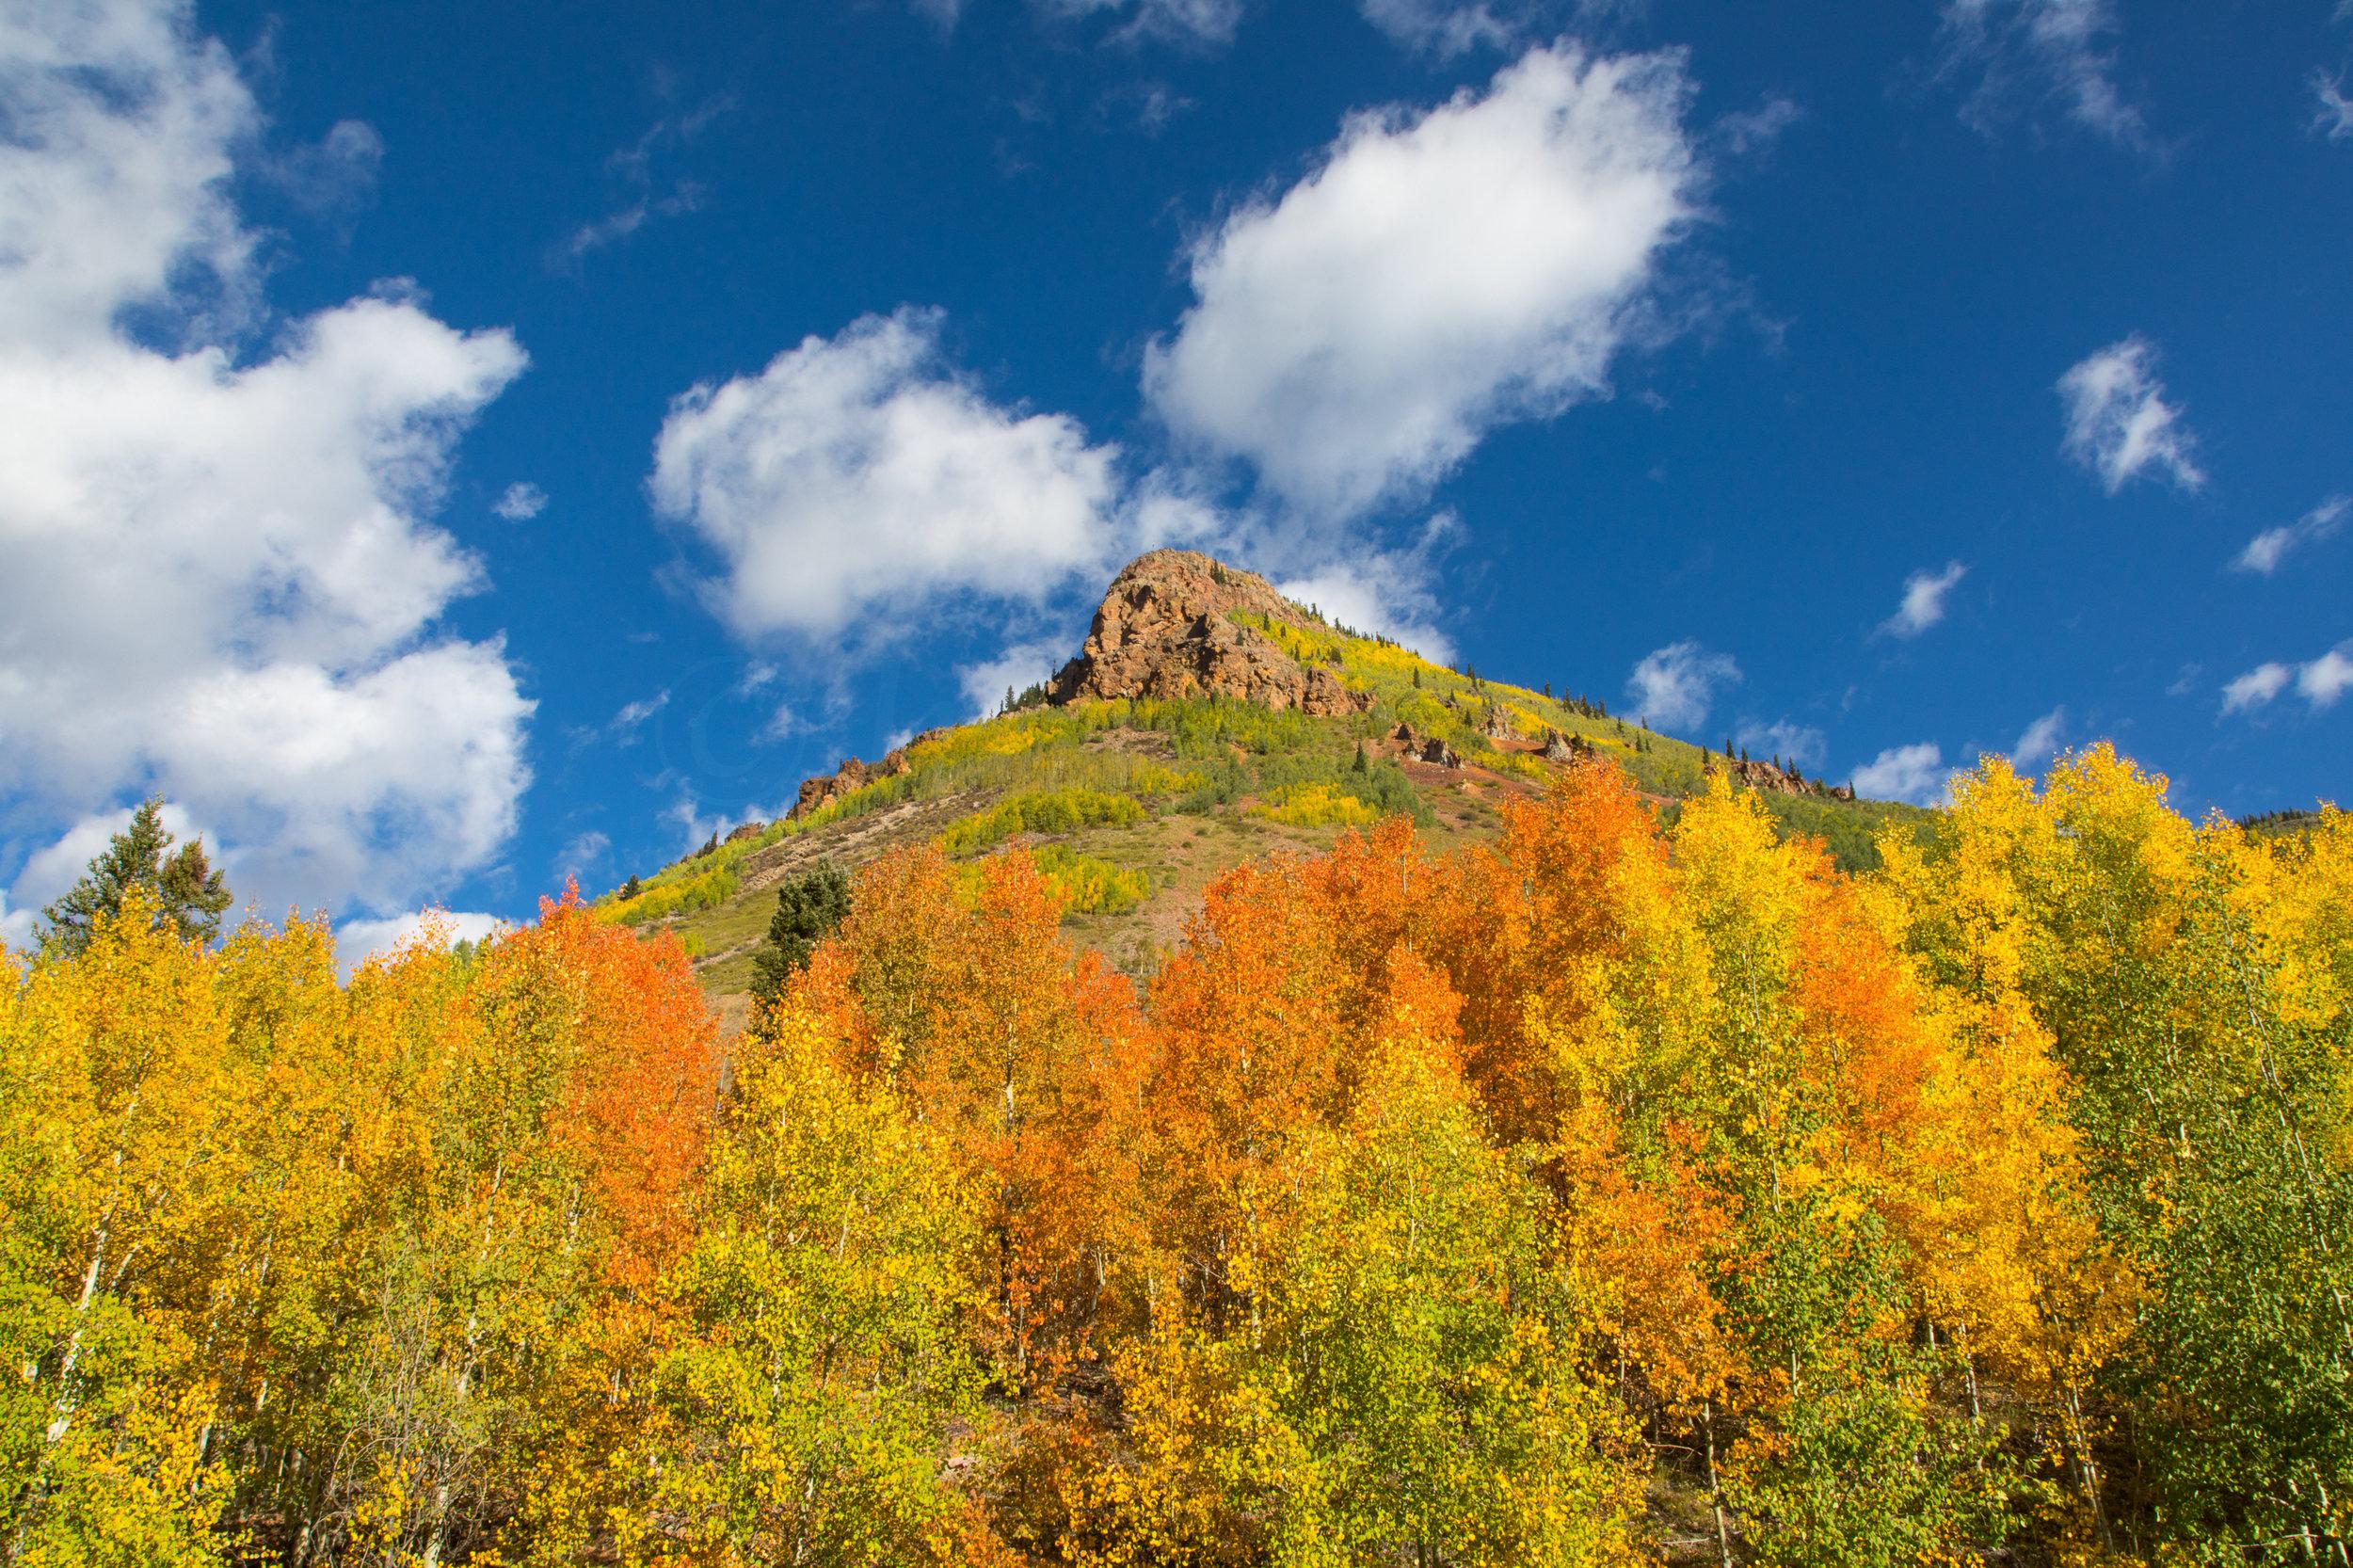 Silverton, Colorado, Image # 9290